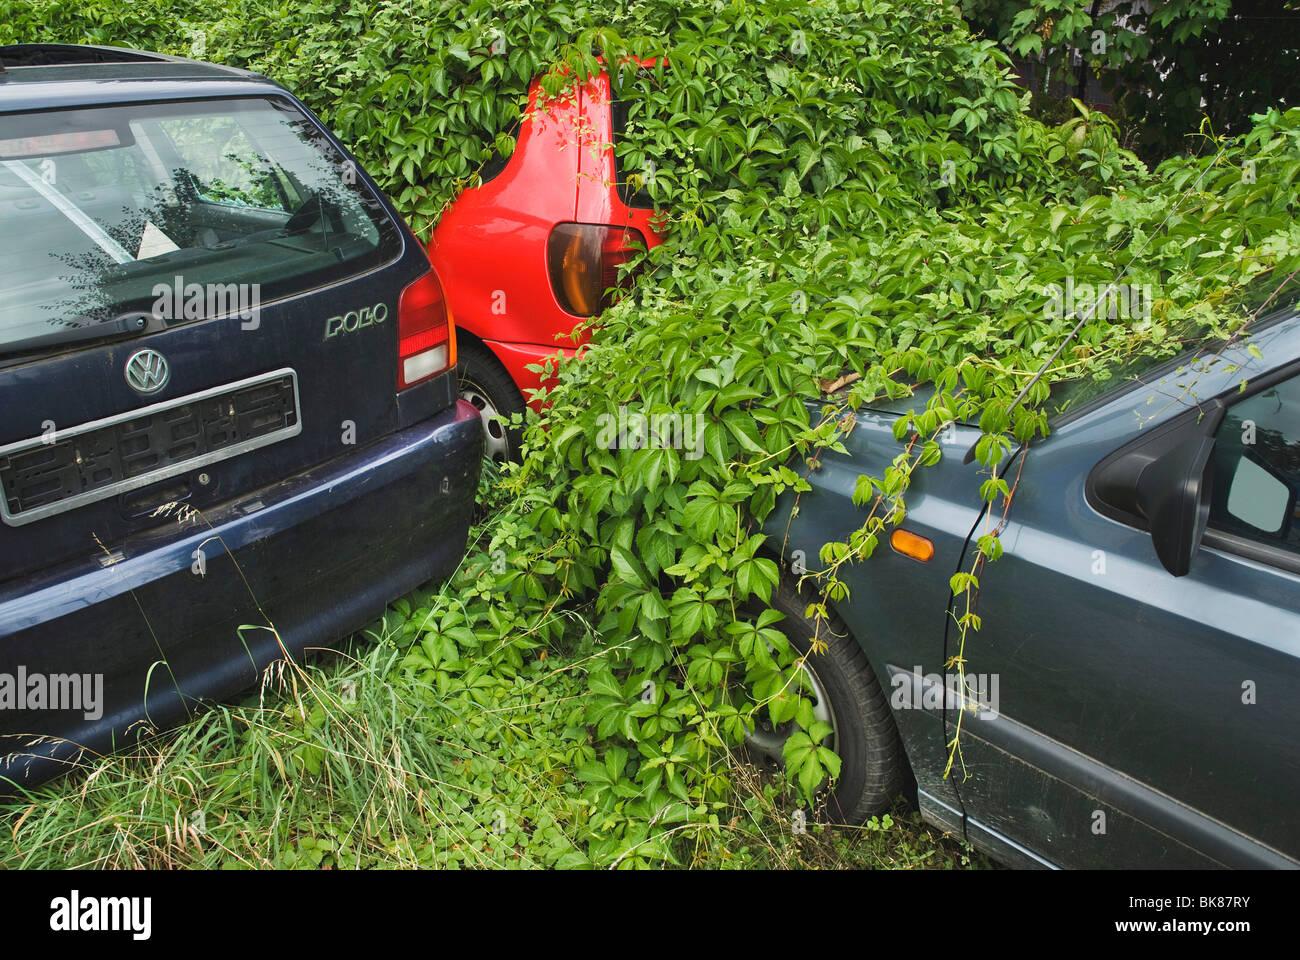 Voitures en stationnement couvert de plantes grimpantes, Wrecking Yard, bonus écologique Photo Stock